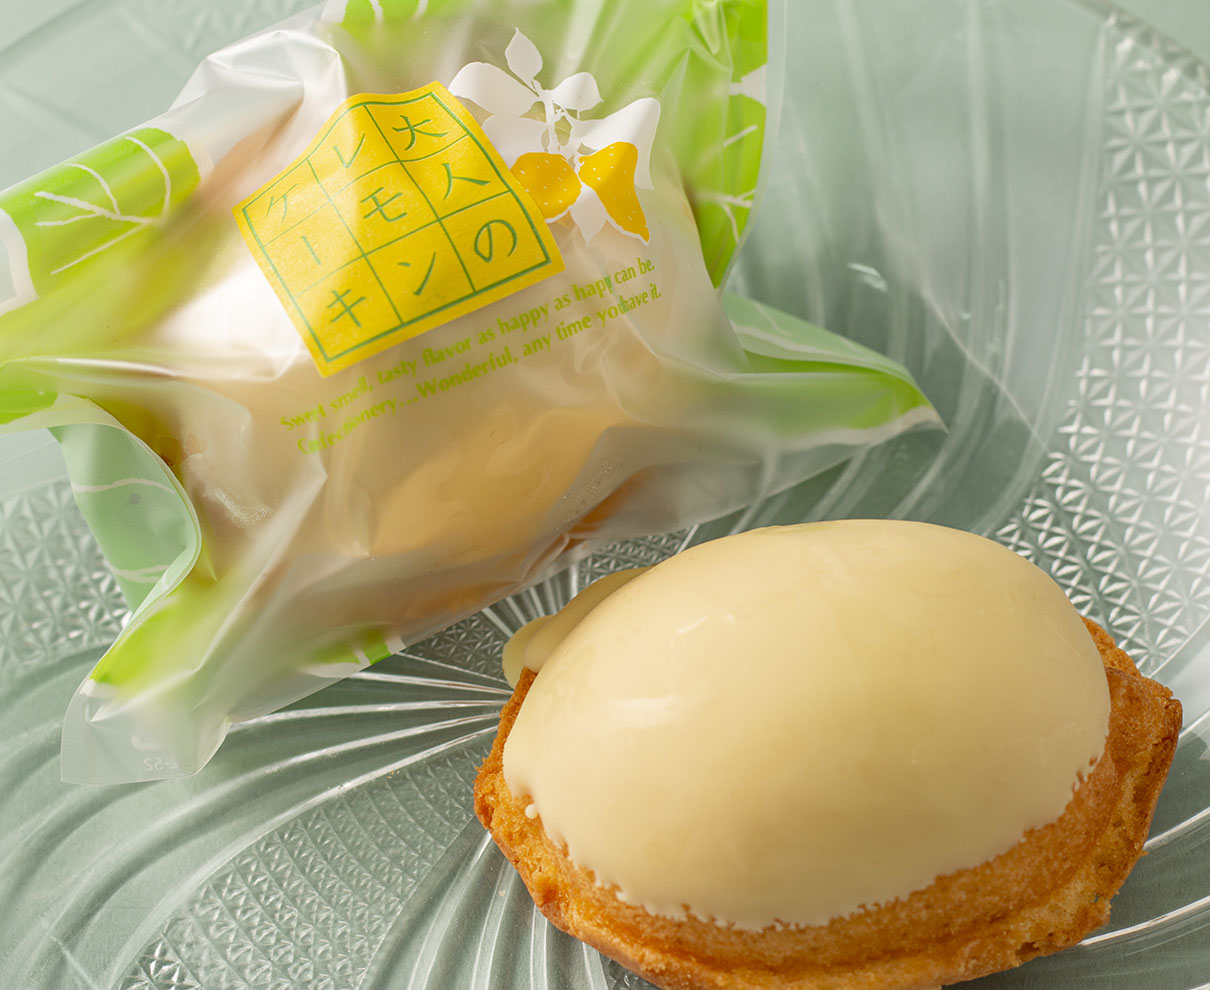 今日のおやつは、ベルジェ・ダルカディ弁慶堂の大人のレモンケーキ♪